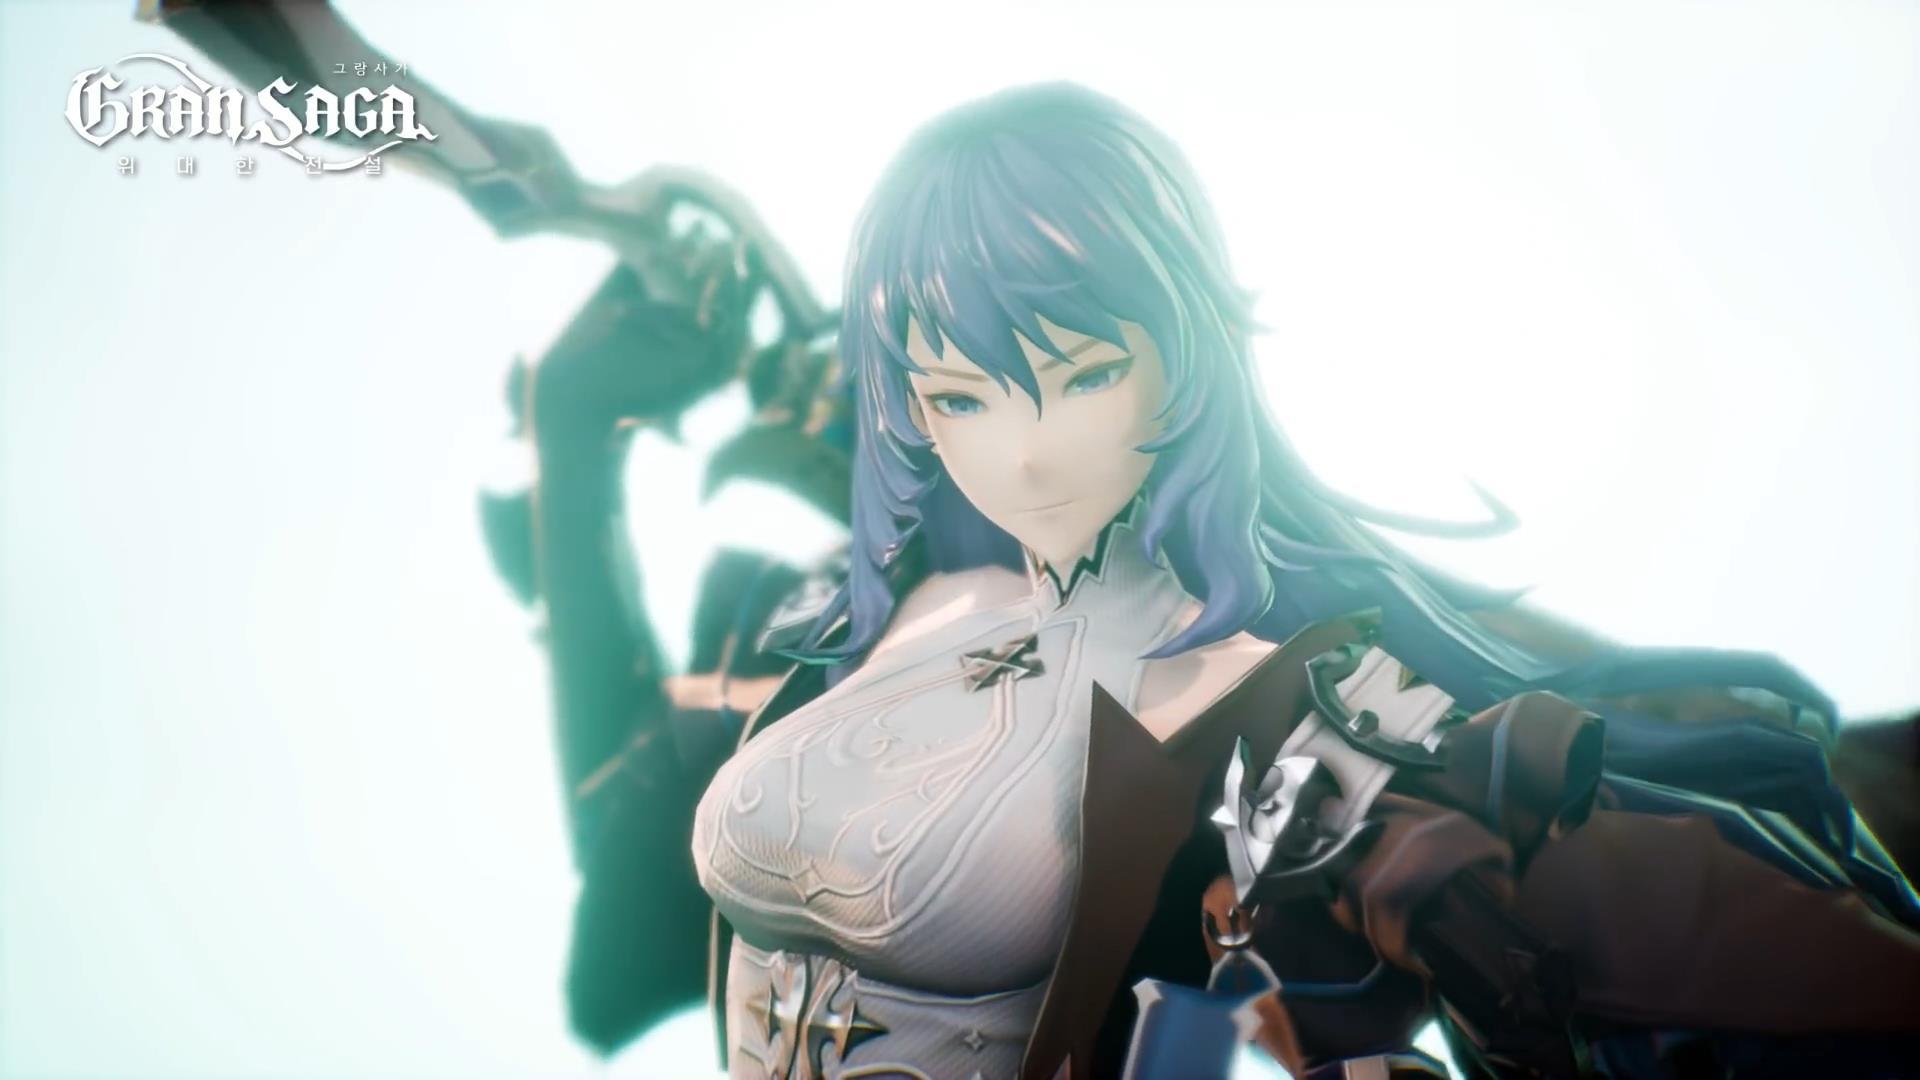 韩国MMORPG《Gran Saga》新预告 1月26日上市 第1张